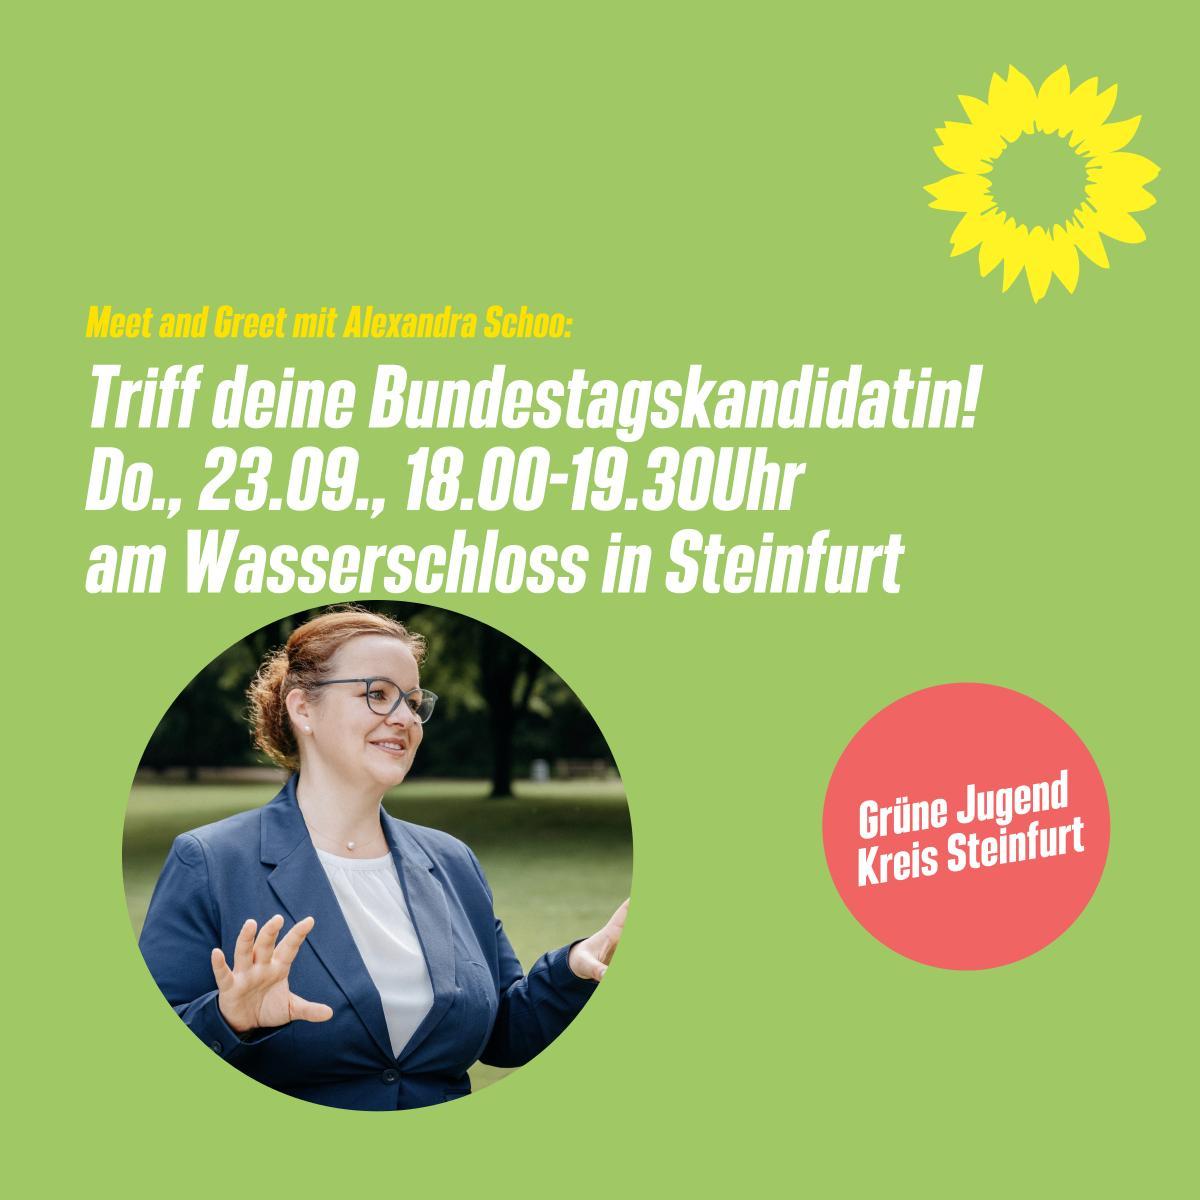 Triff deine Bundestagskandidatin – Meet & Greet mit Alex